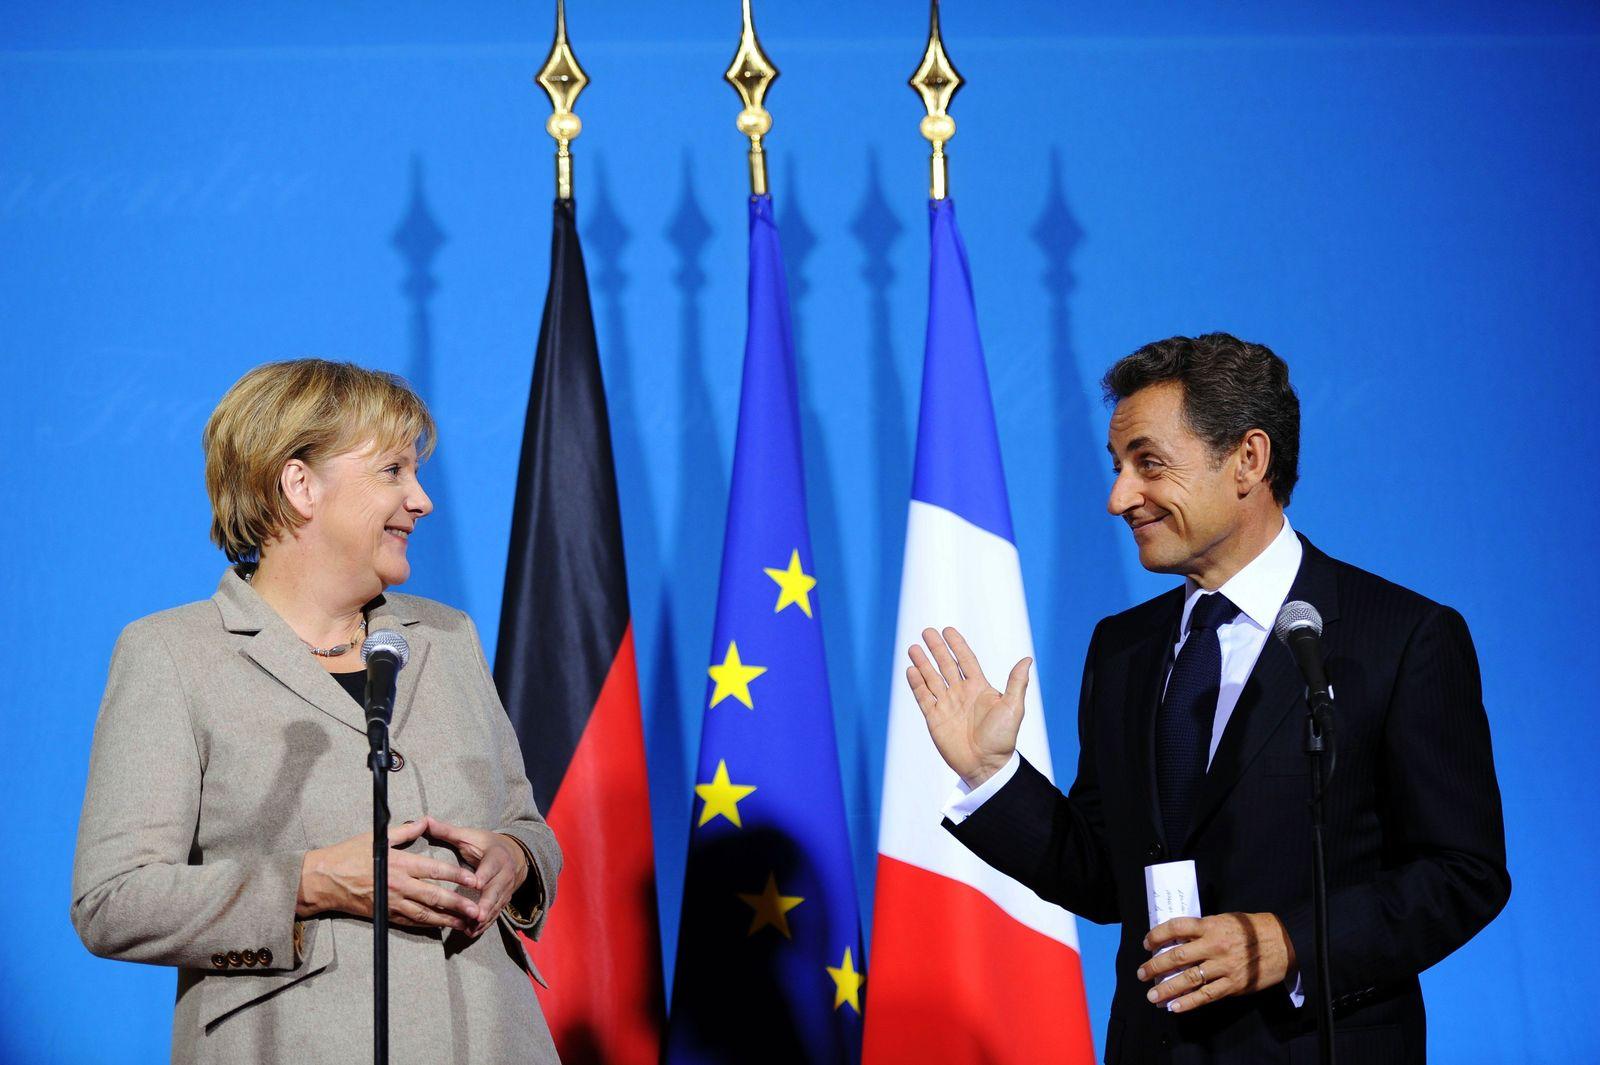 Merkel / Sarkozy / Deauville